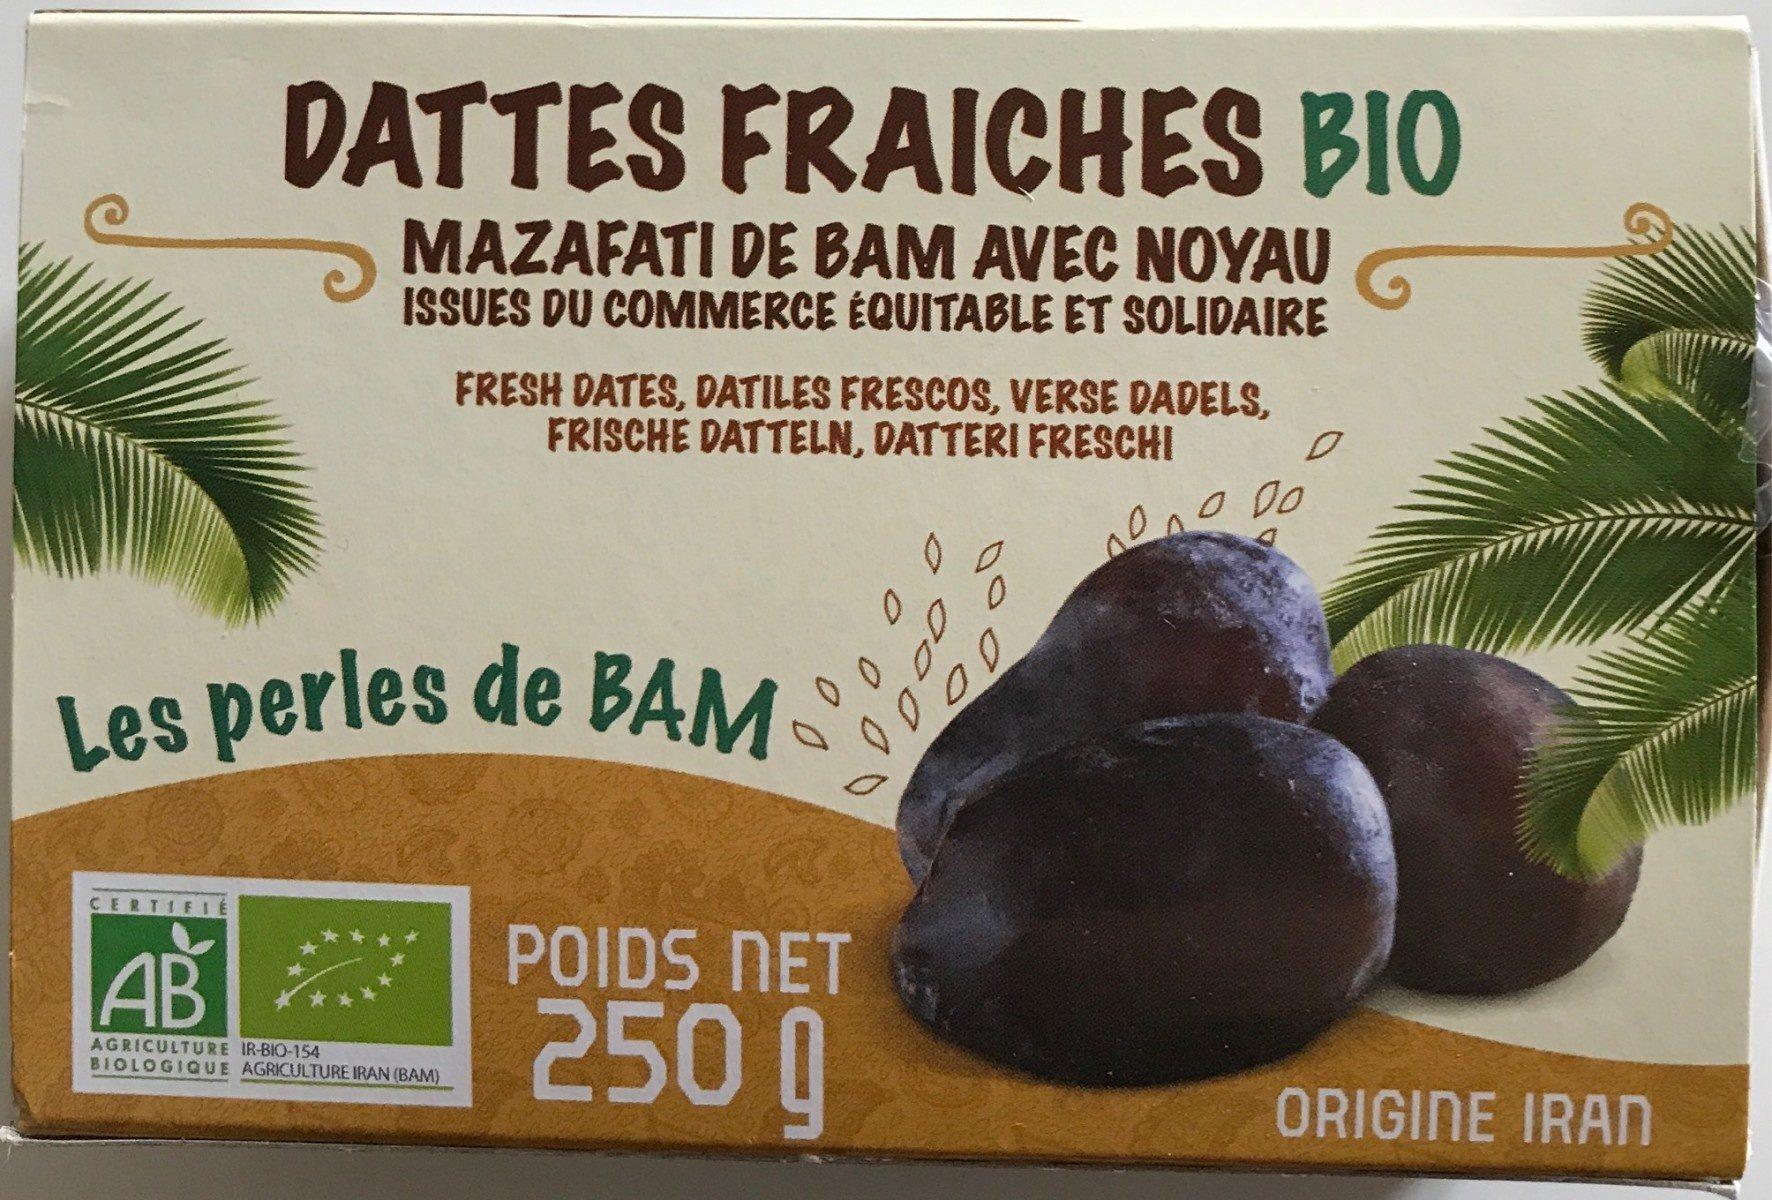 Dattes fraîches bio - Product